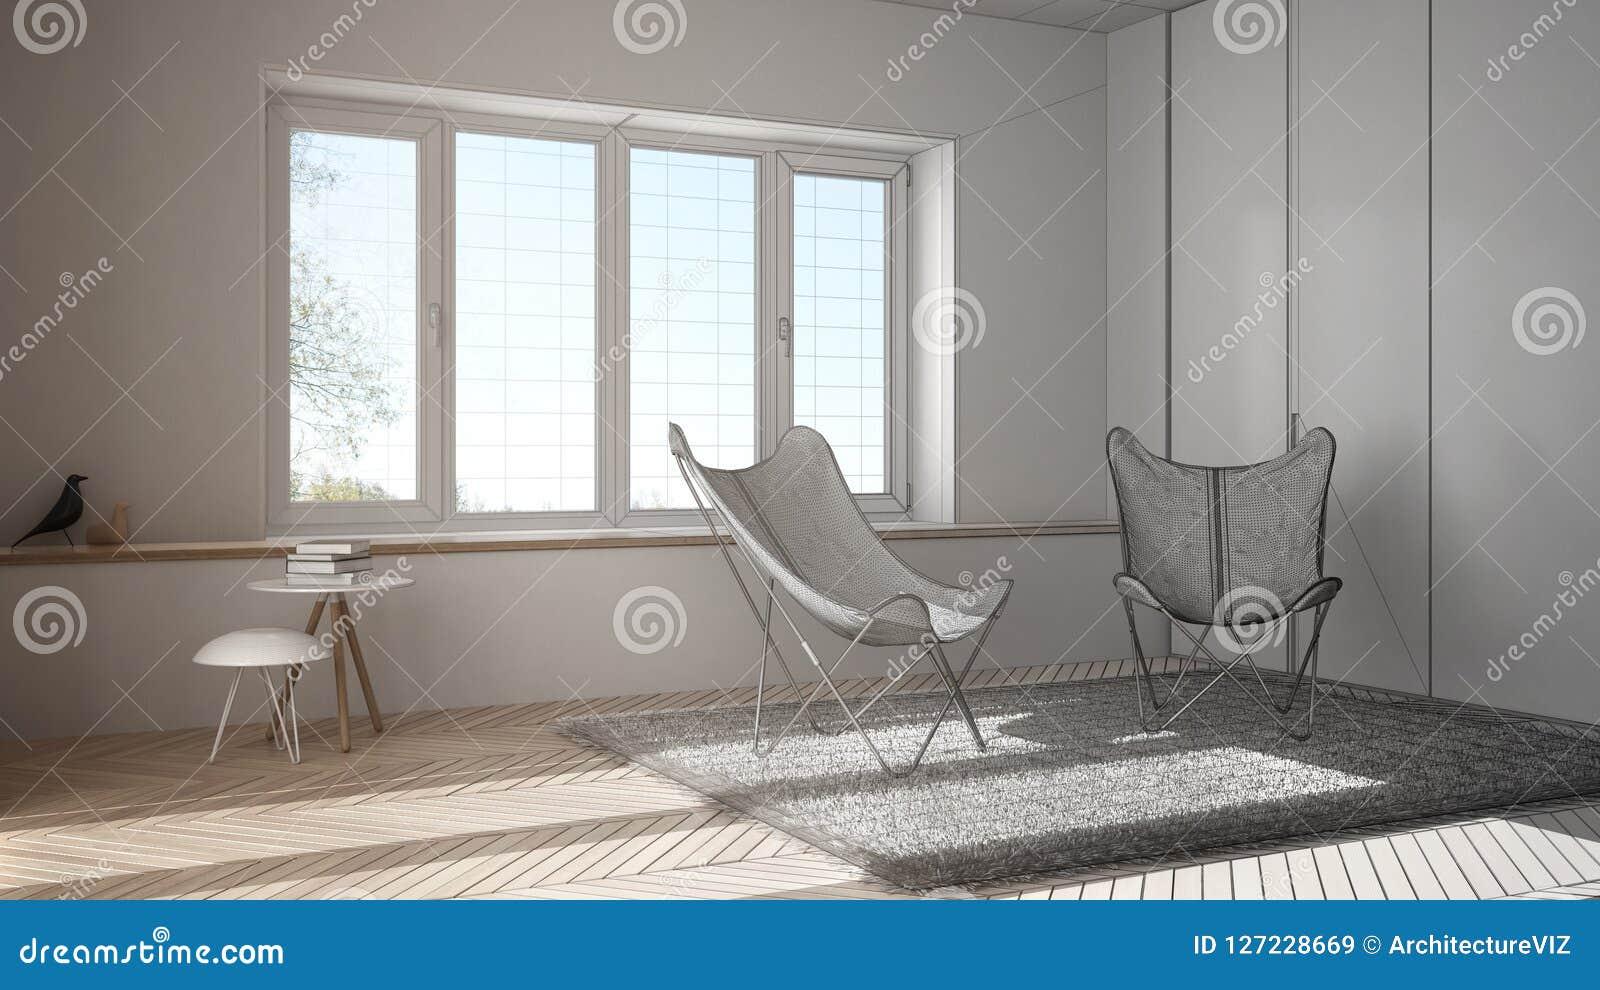 Ατελές εσωτερικό σχέδιο σχεδίων προγράμματος, ελάχιστο καθιστικό με τον τάπητα πολυθρόνων, πάτωμα παρκέ και πανοραμικό παράθυρο